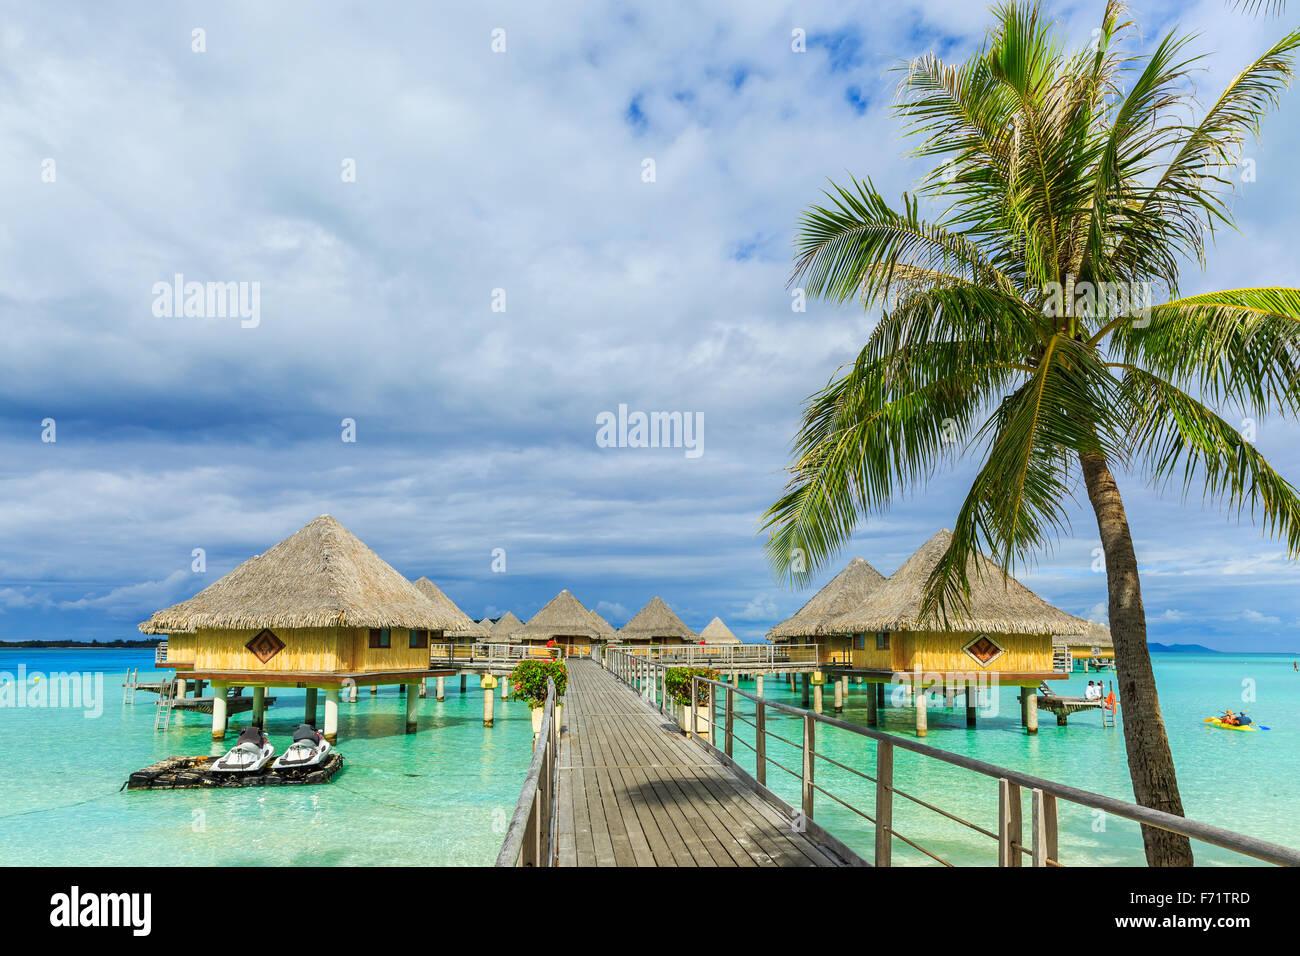 Overwater Bungalows Bora Bora Insel, Französisch-Polynesien Stockbild